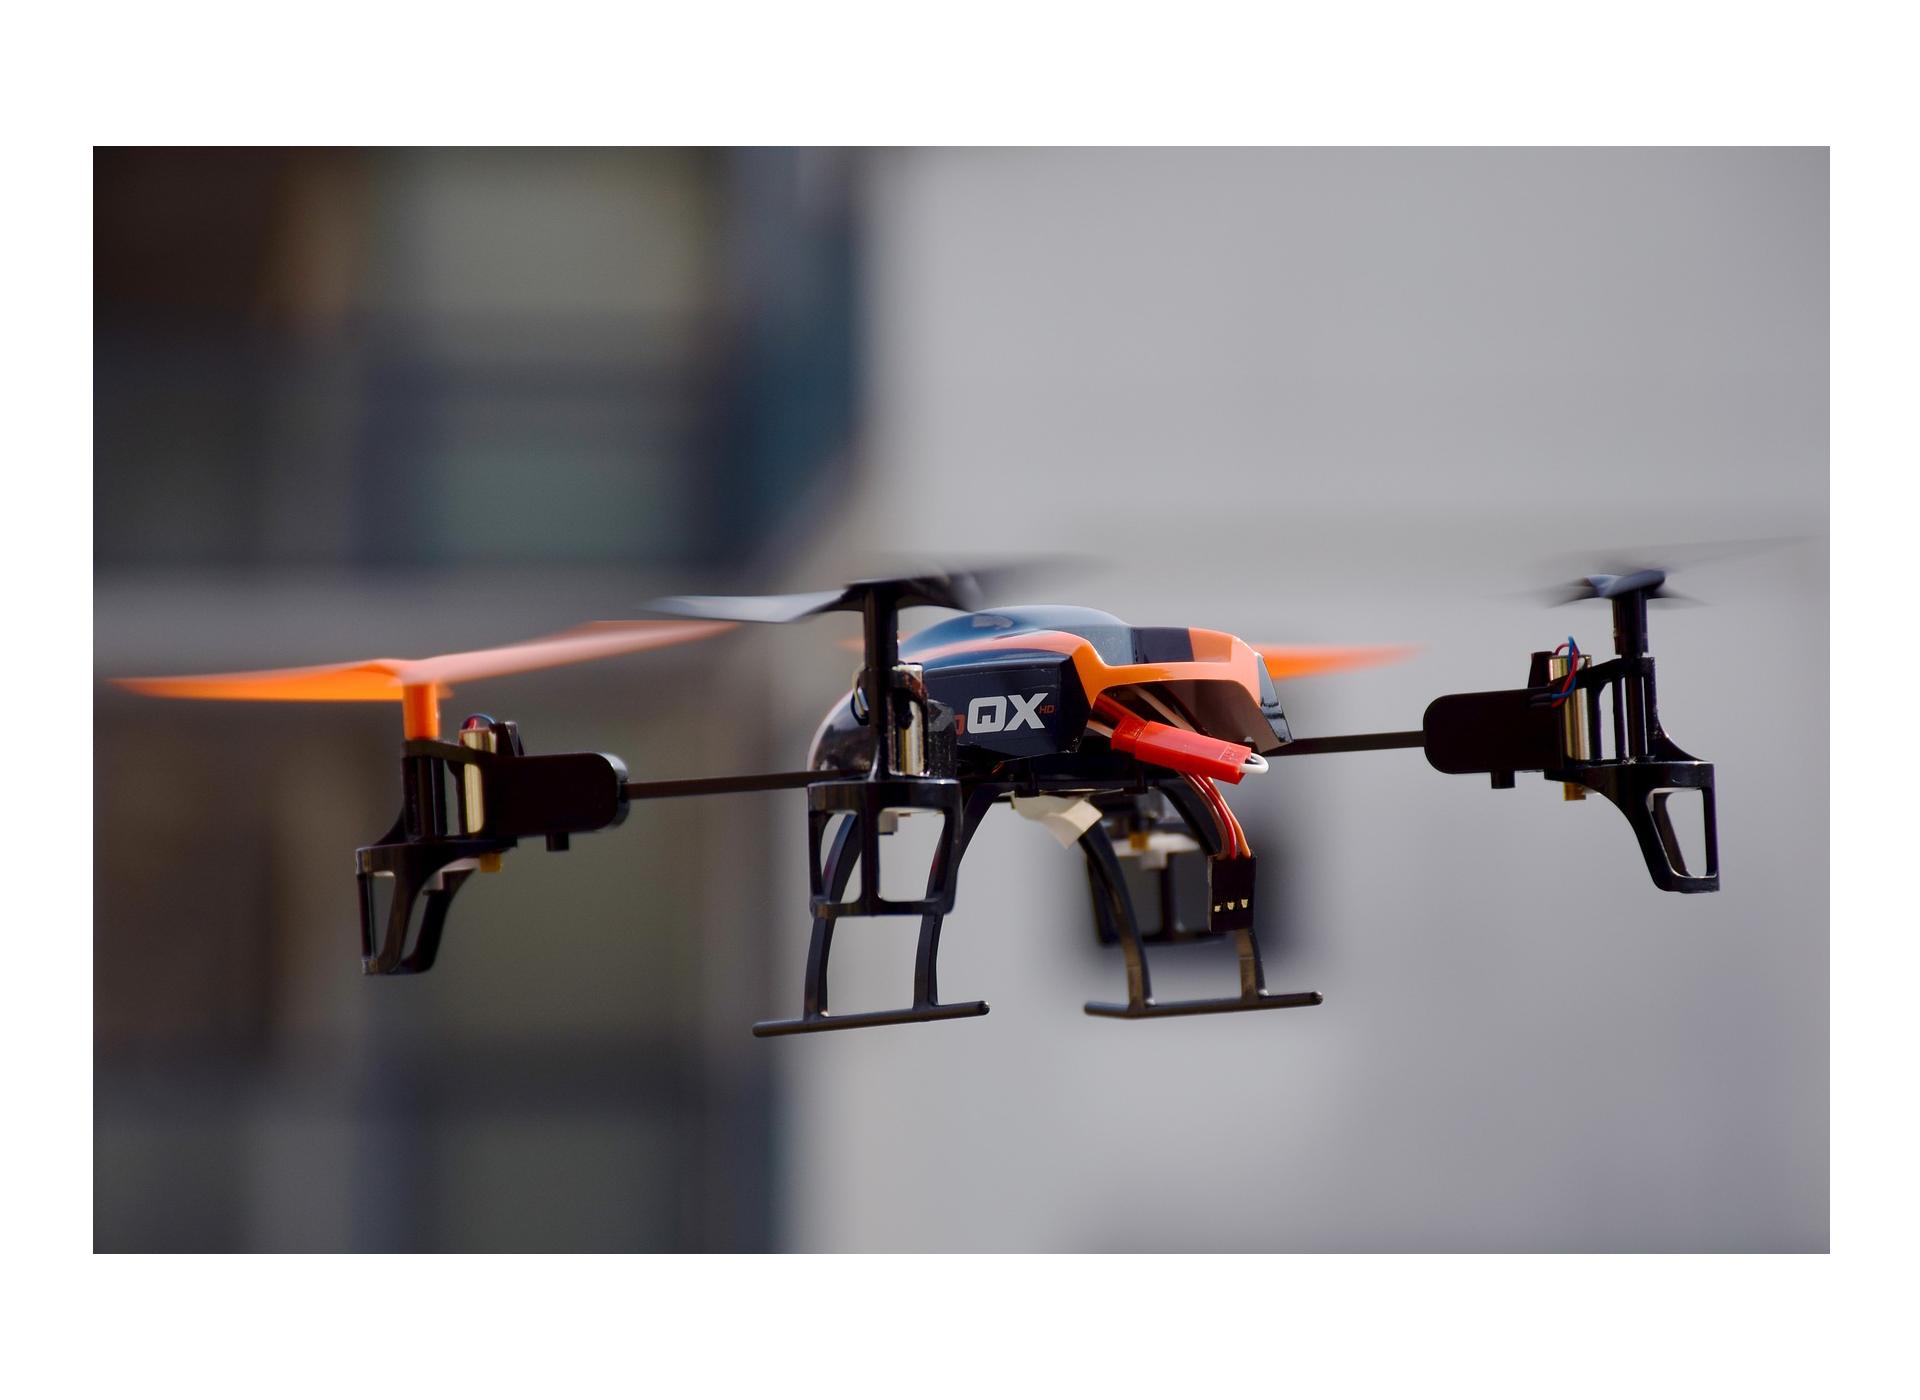 amazon trabaja con drones para el reparto de mercancias